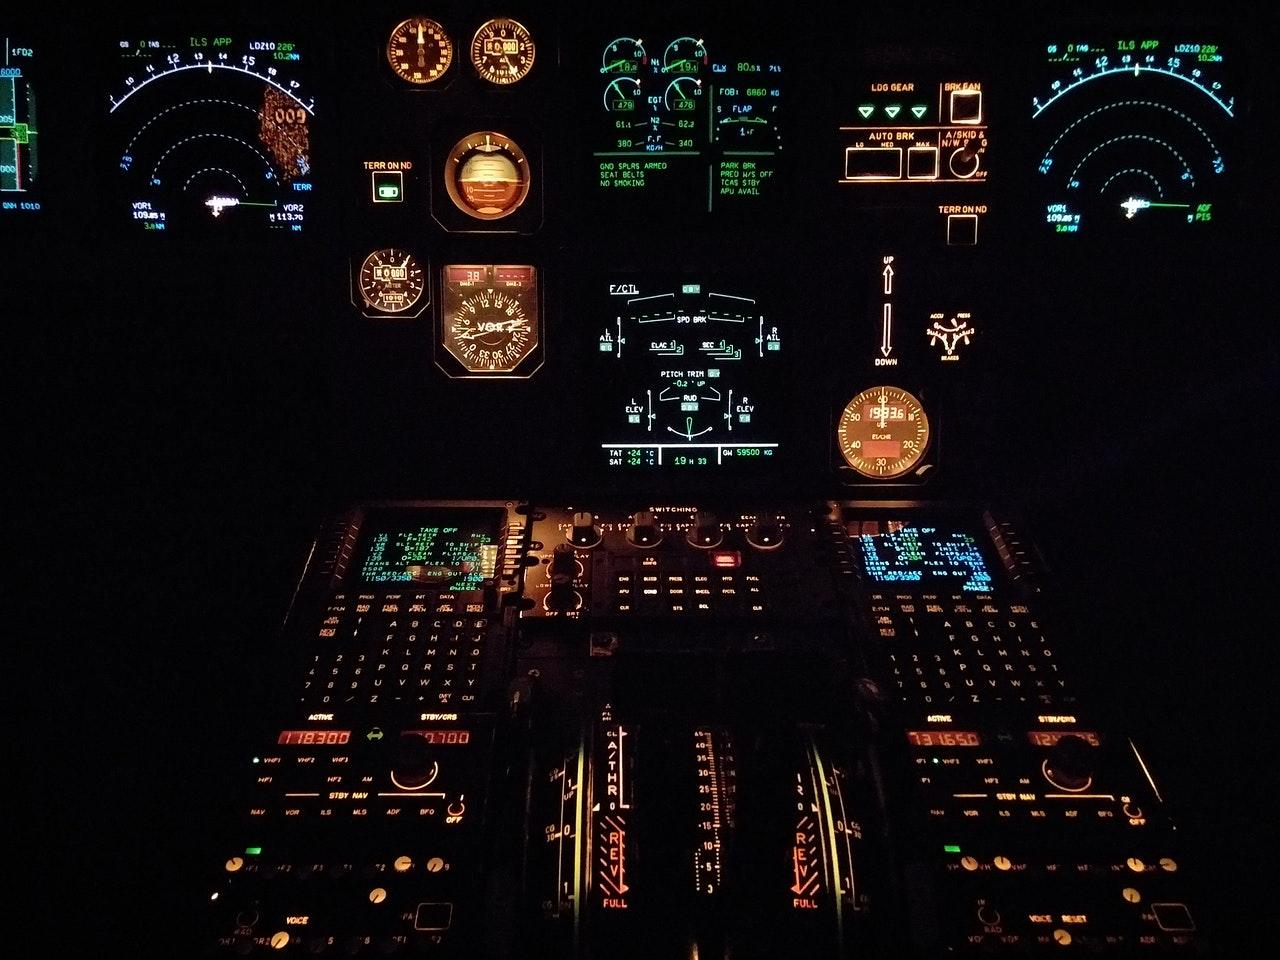 black-multicolored-control-panel-lot-726233